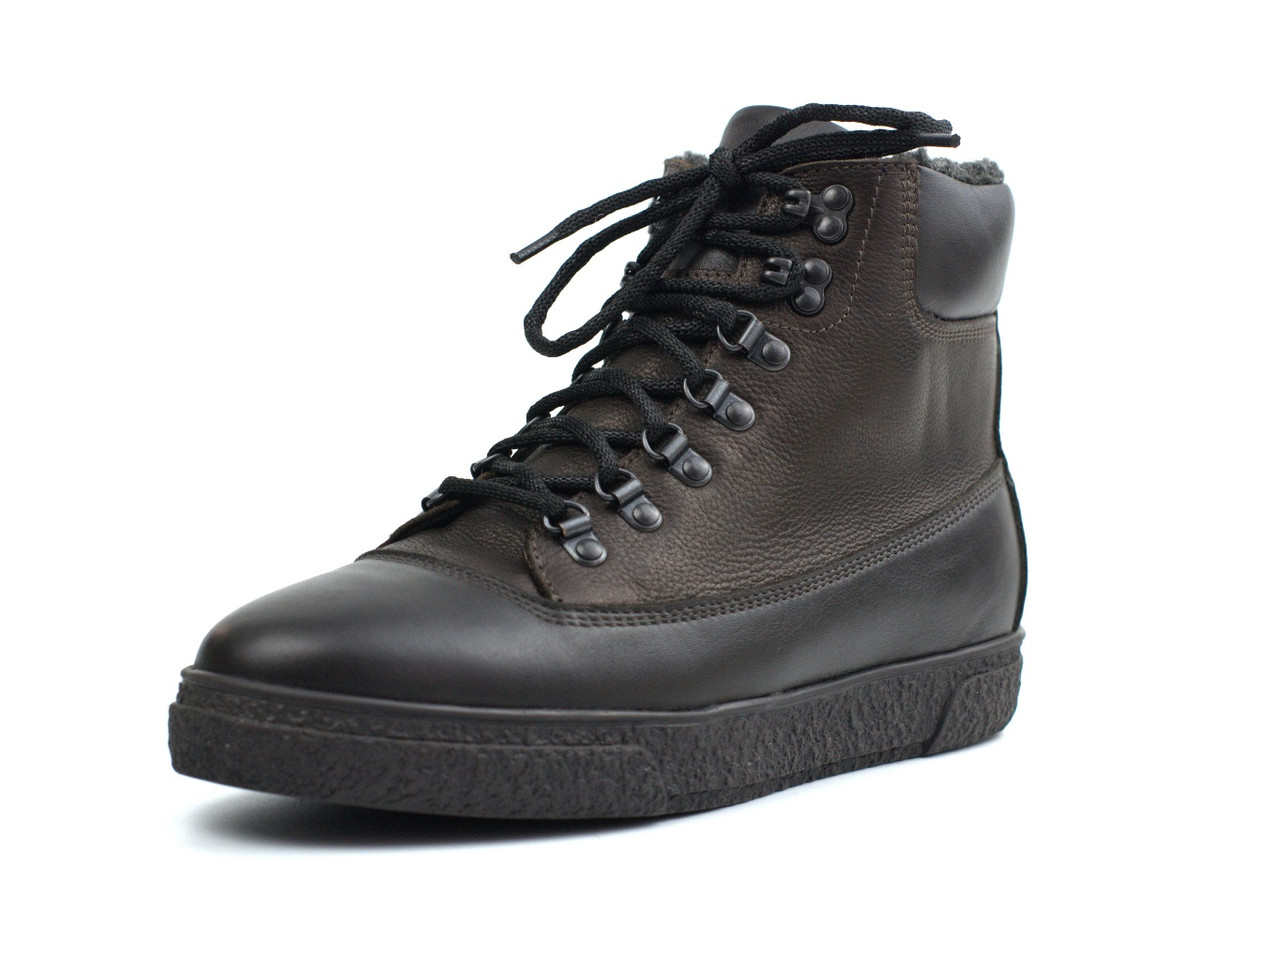 Зимние ботинки кожаные коричневые на меху мужская обувь Rosso Avangard Taiga North Lion